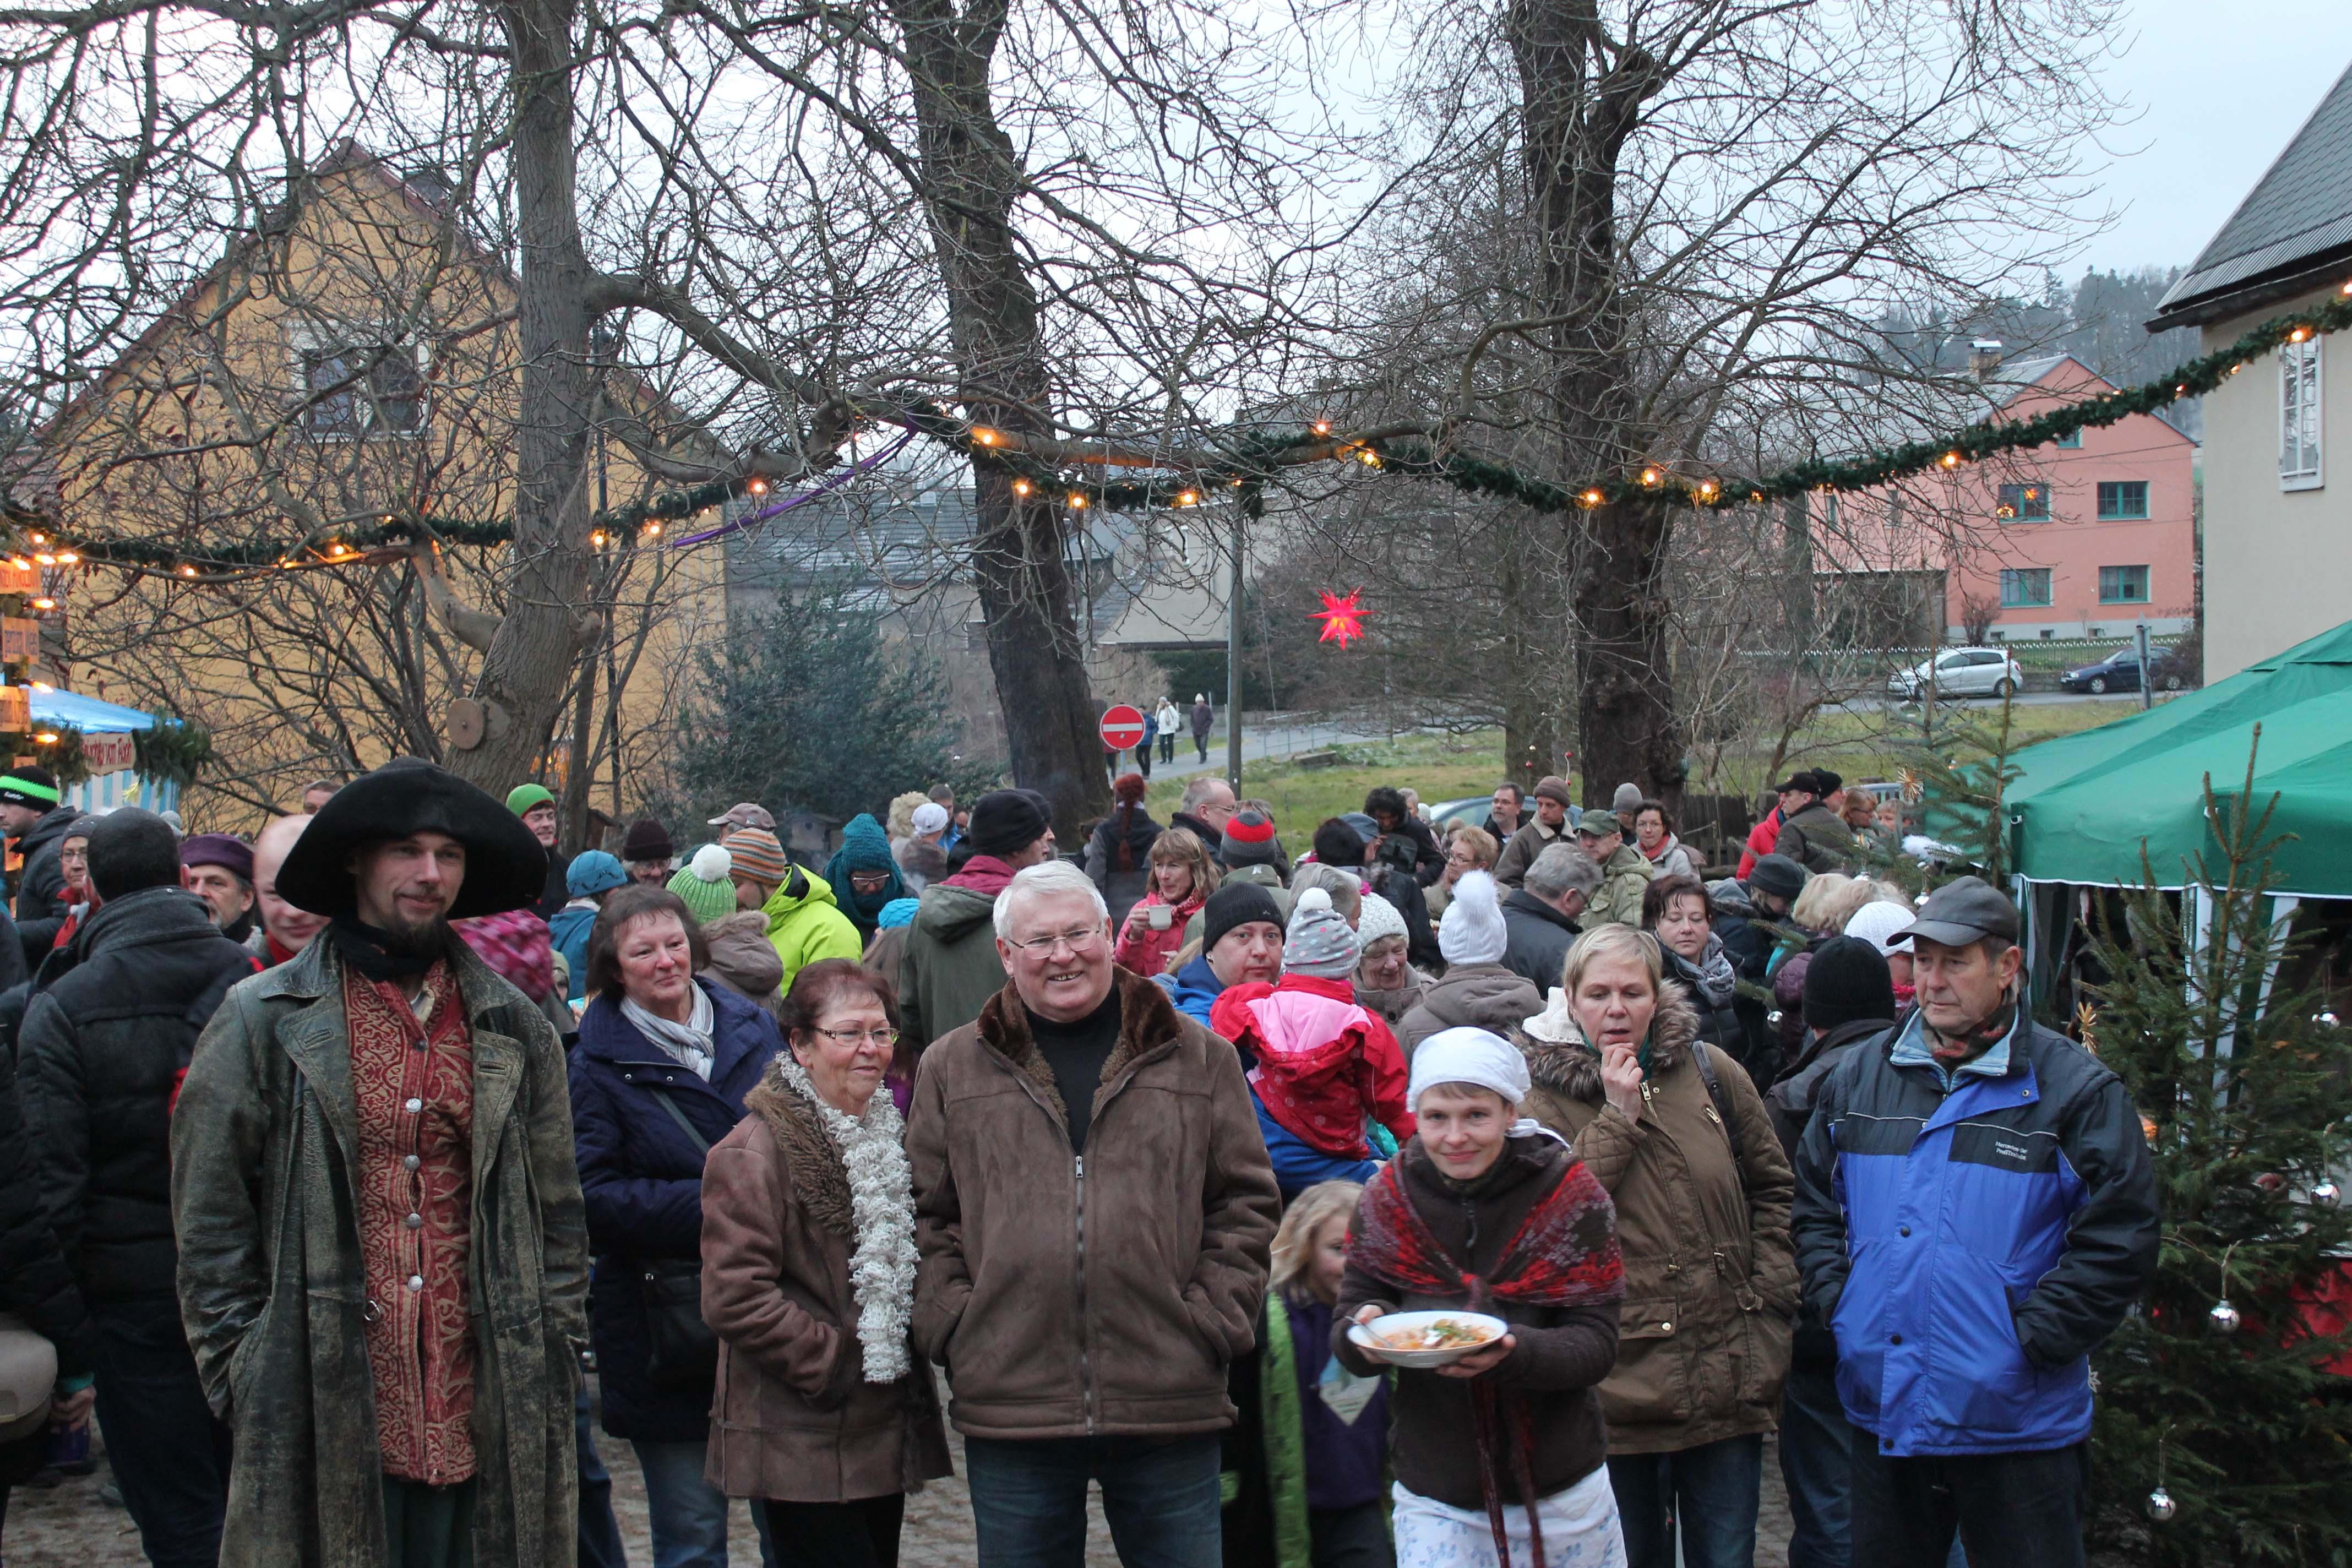 Dorfweihnacht-Allgemein-2016-191